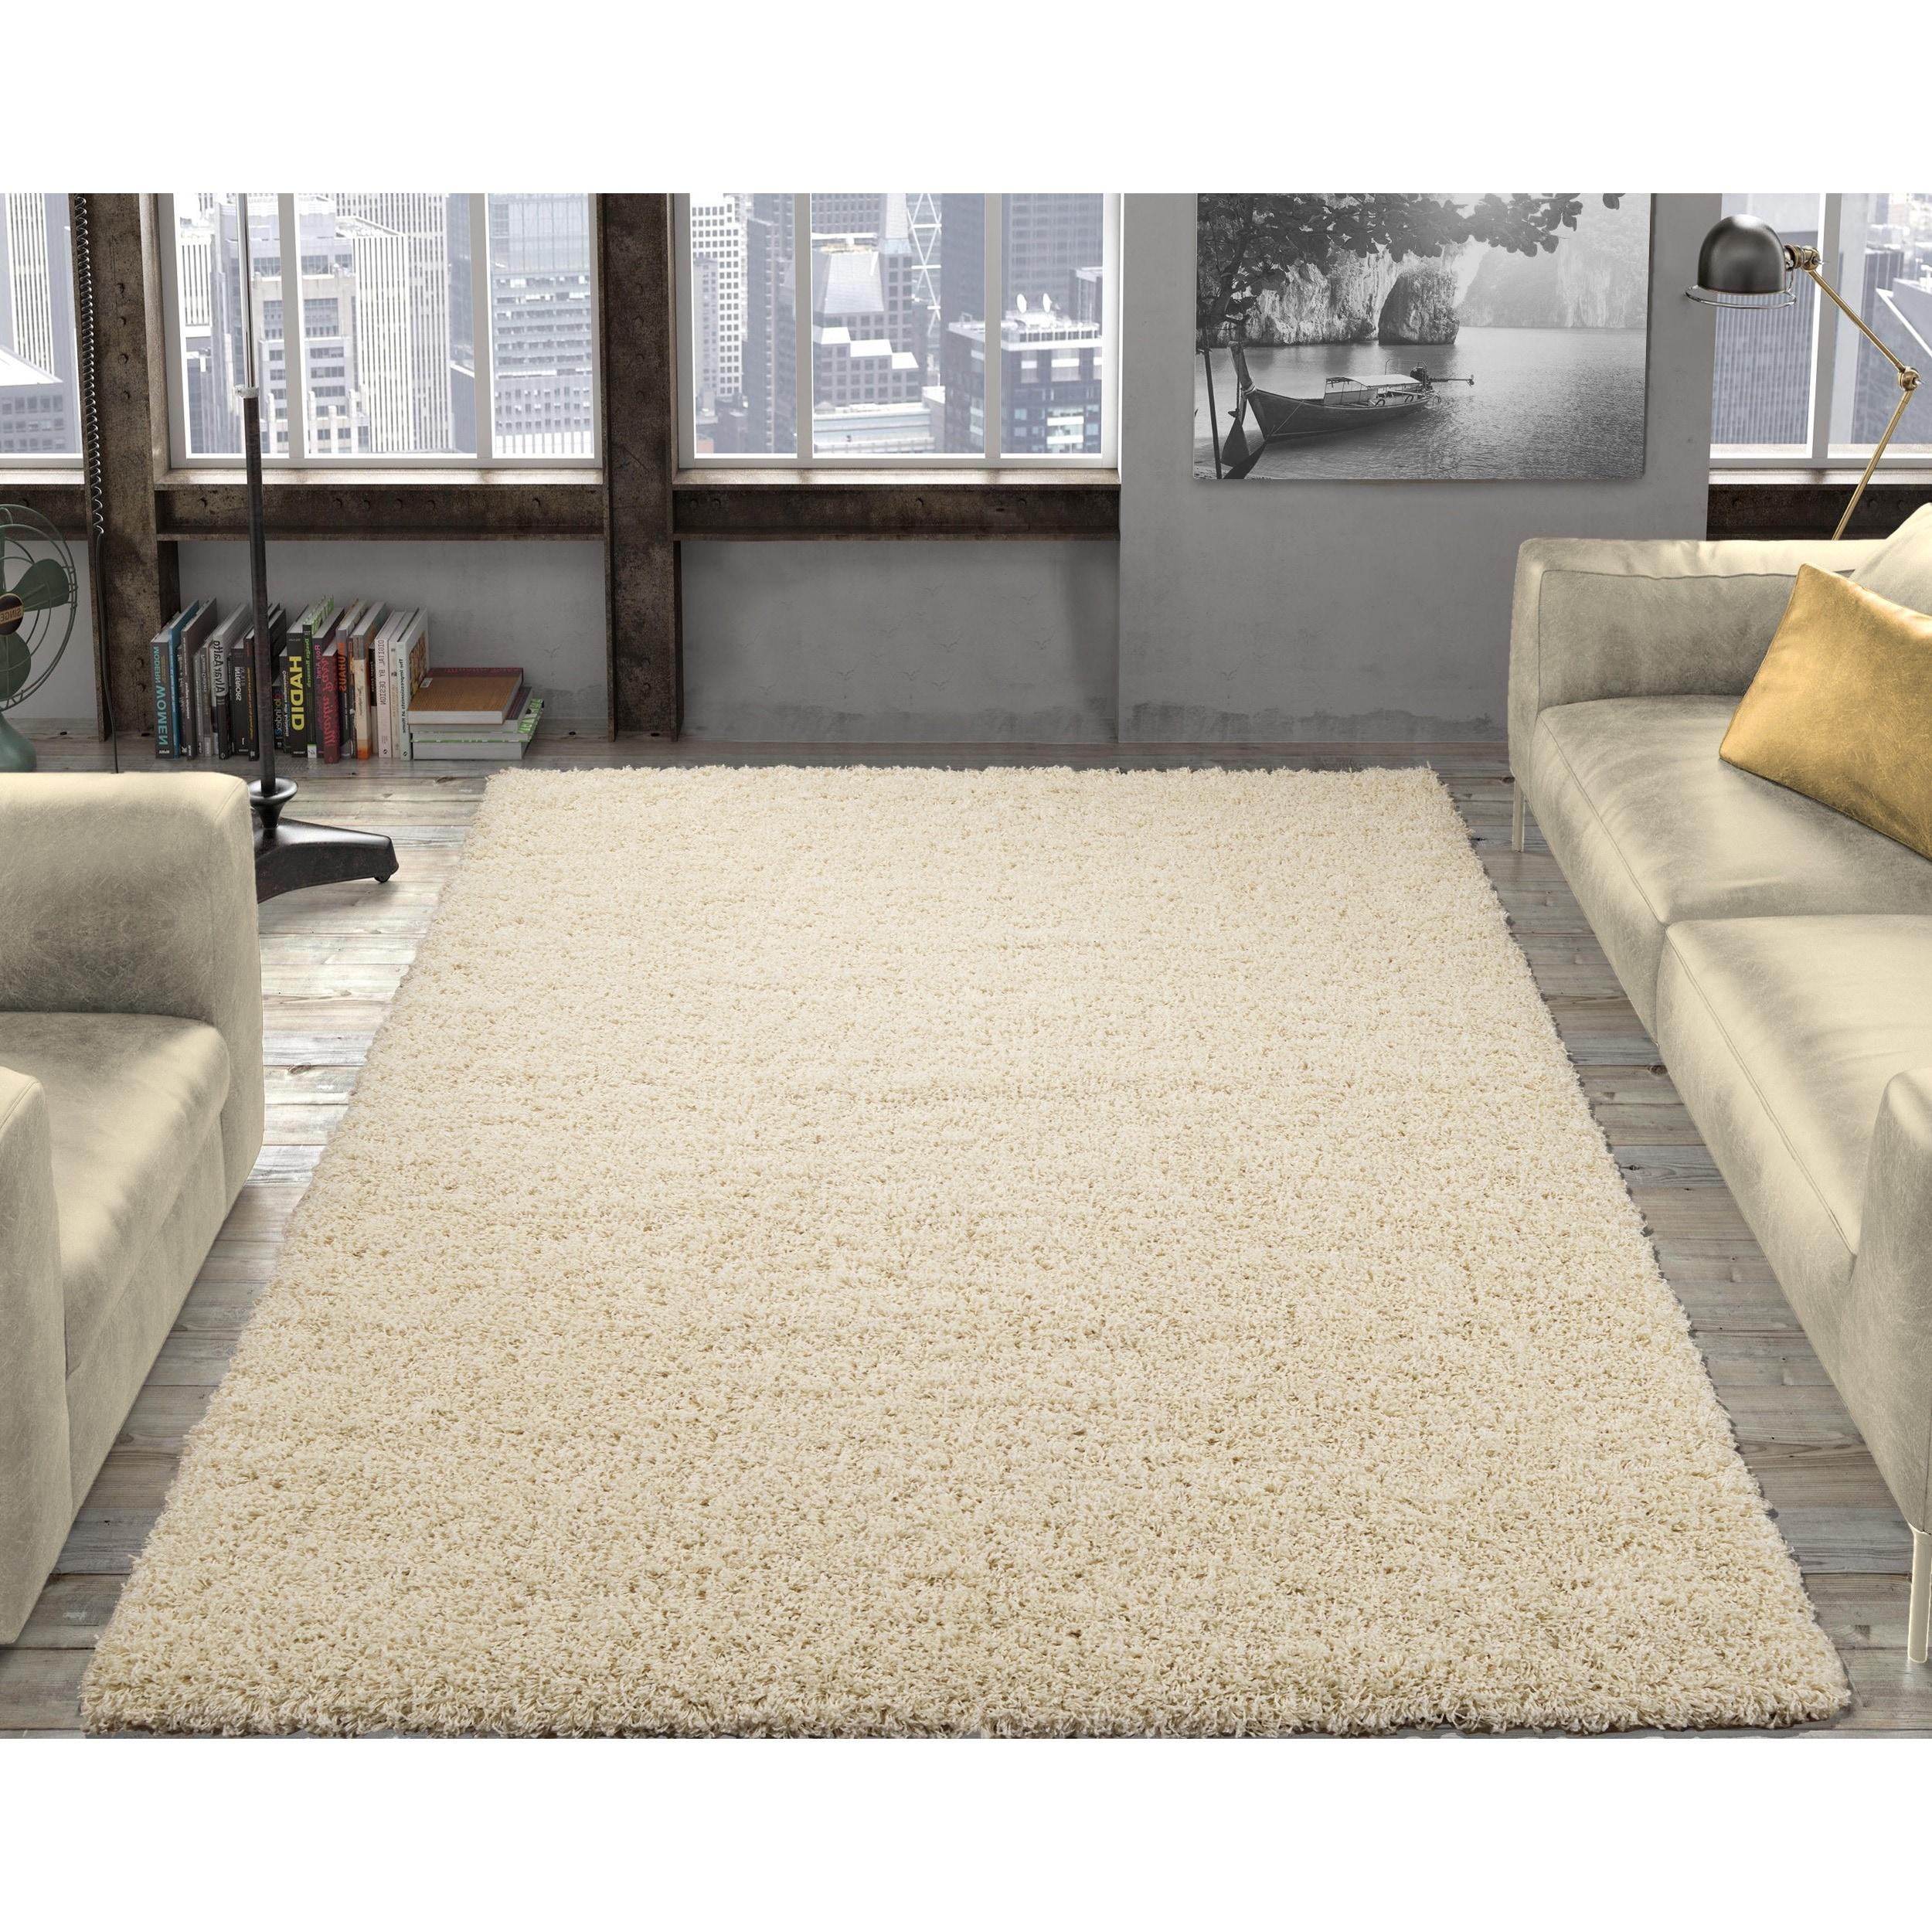 Ottomanson Soft Cozy Solid Color Contemporary Soft Shag Area Rug   5u0027 X 7u0027